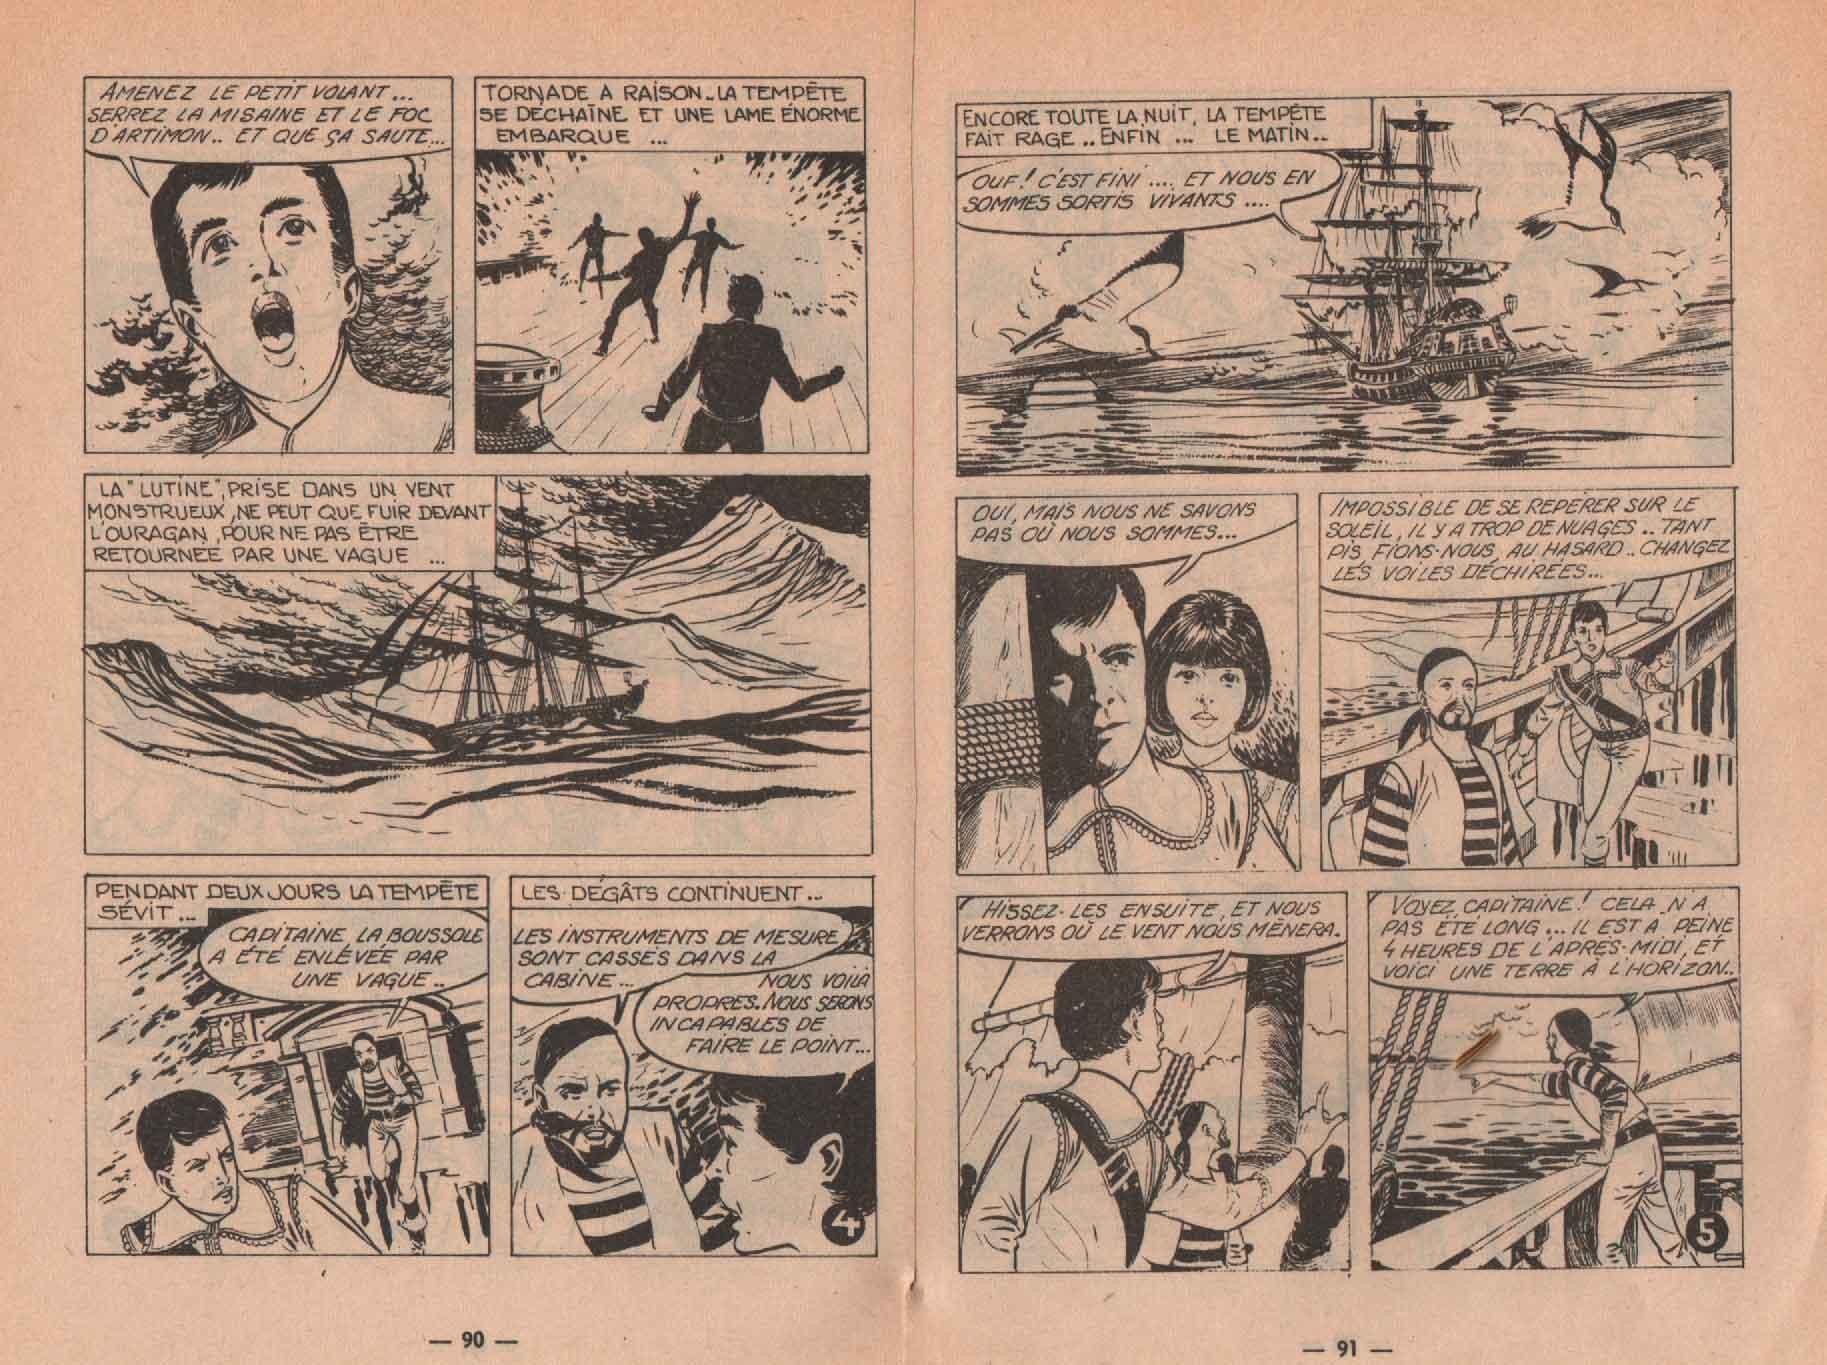 « Capitaine Tornade » Amigo n° 33 (12/1967).